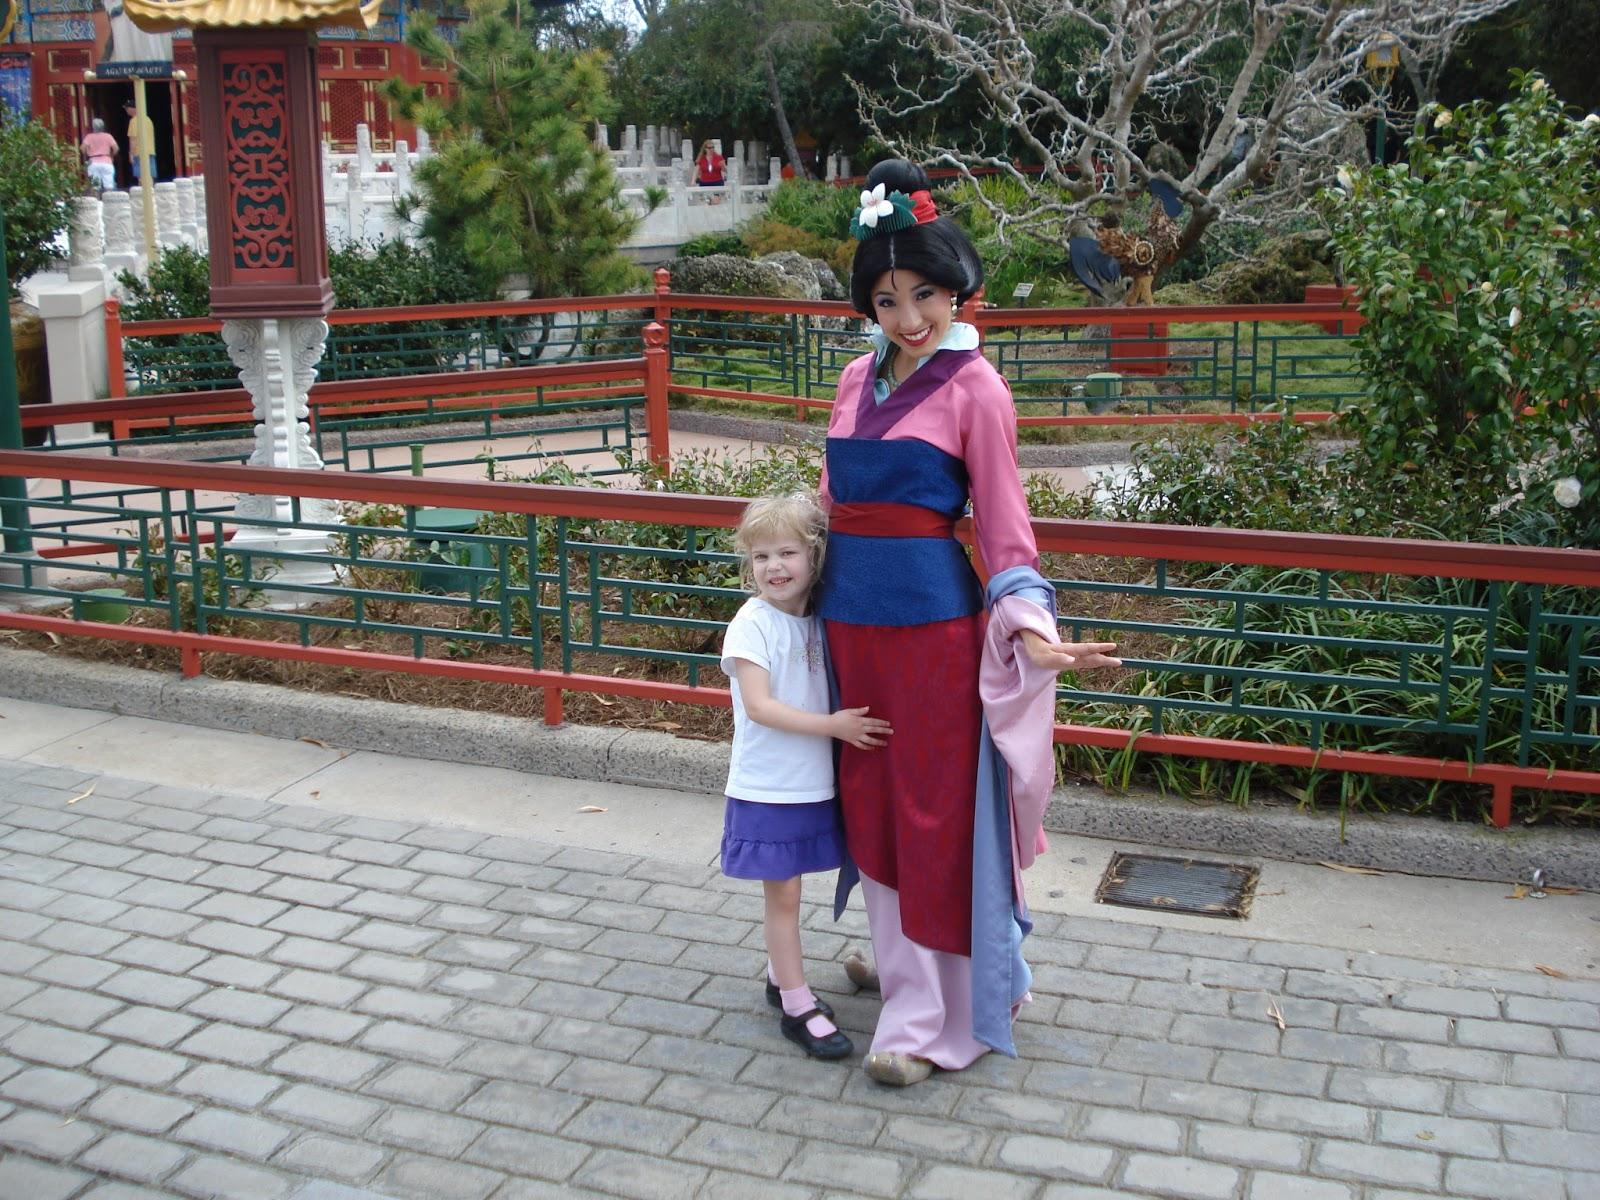 Mulan at the China pavilion in Epcot